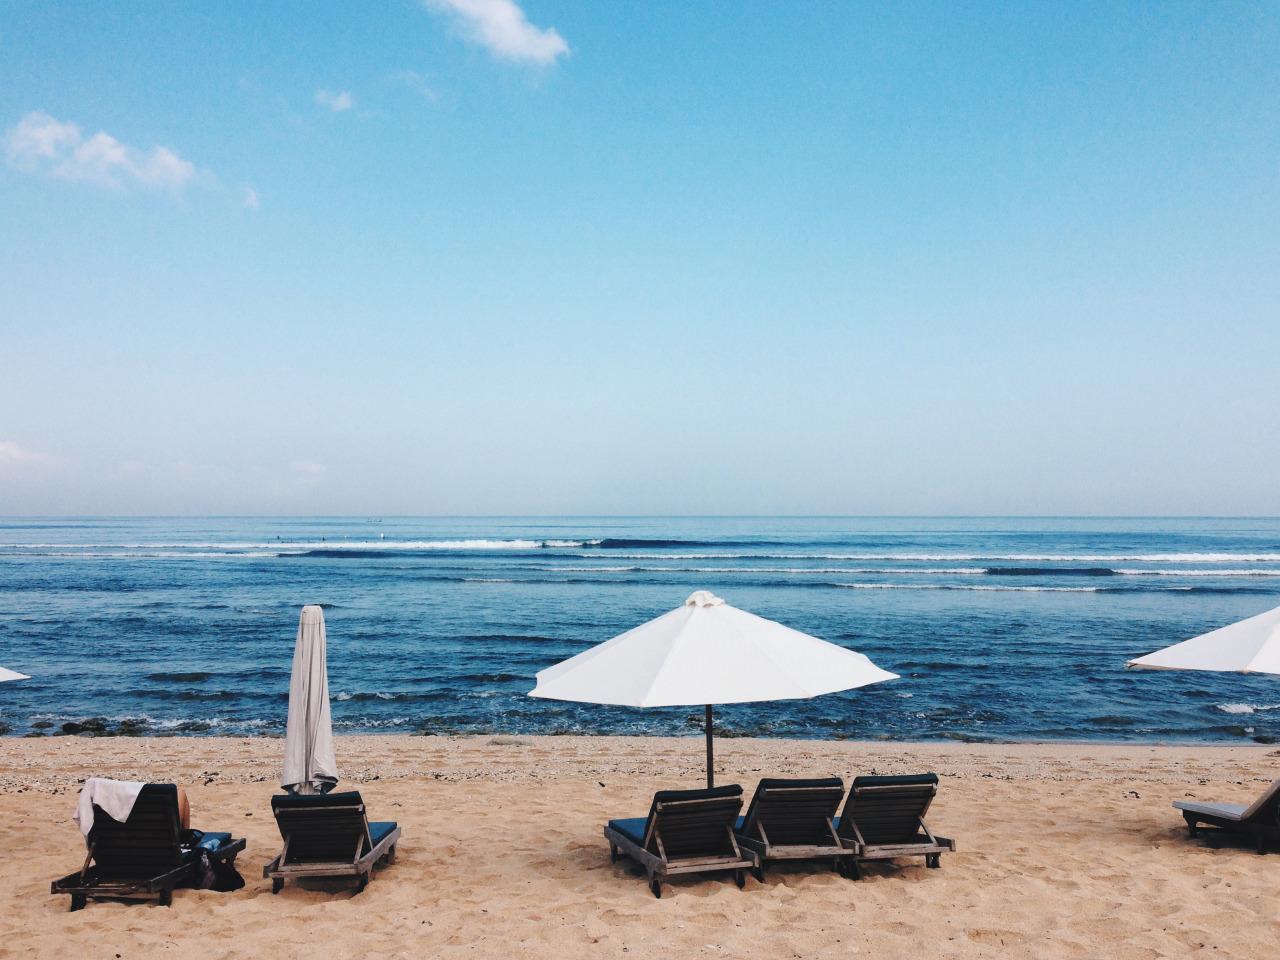 путешествие по европе, пляж и мало туристов